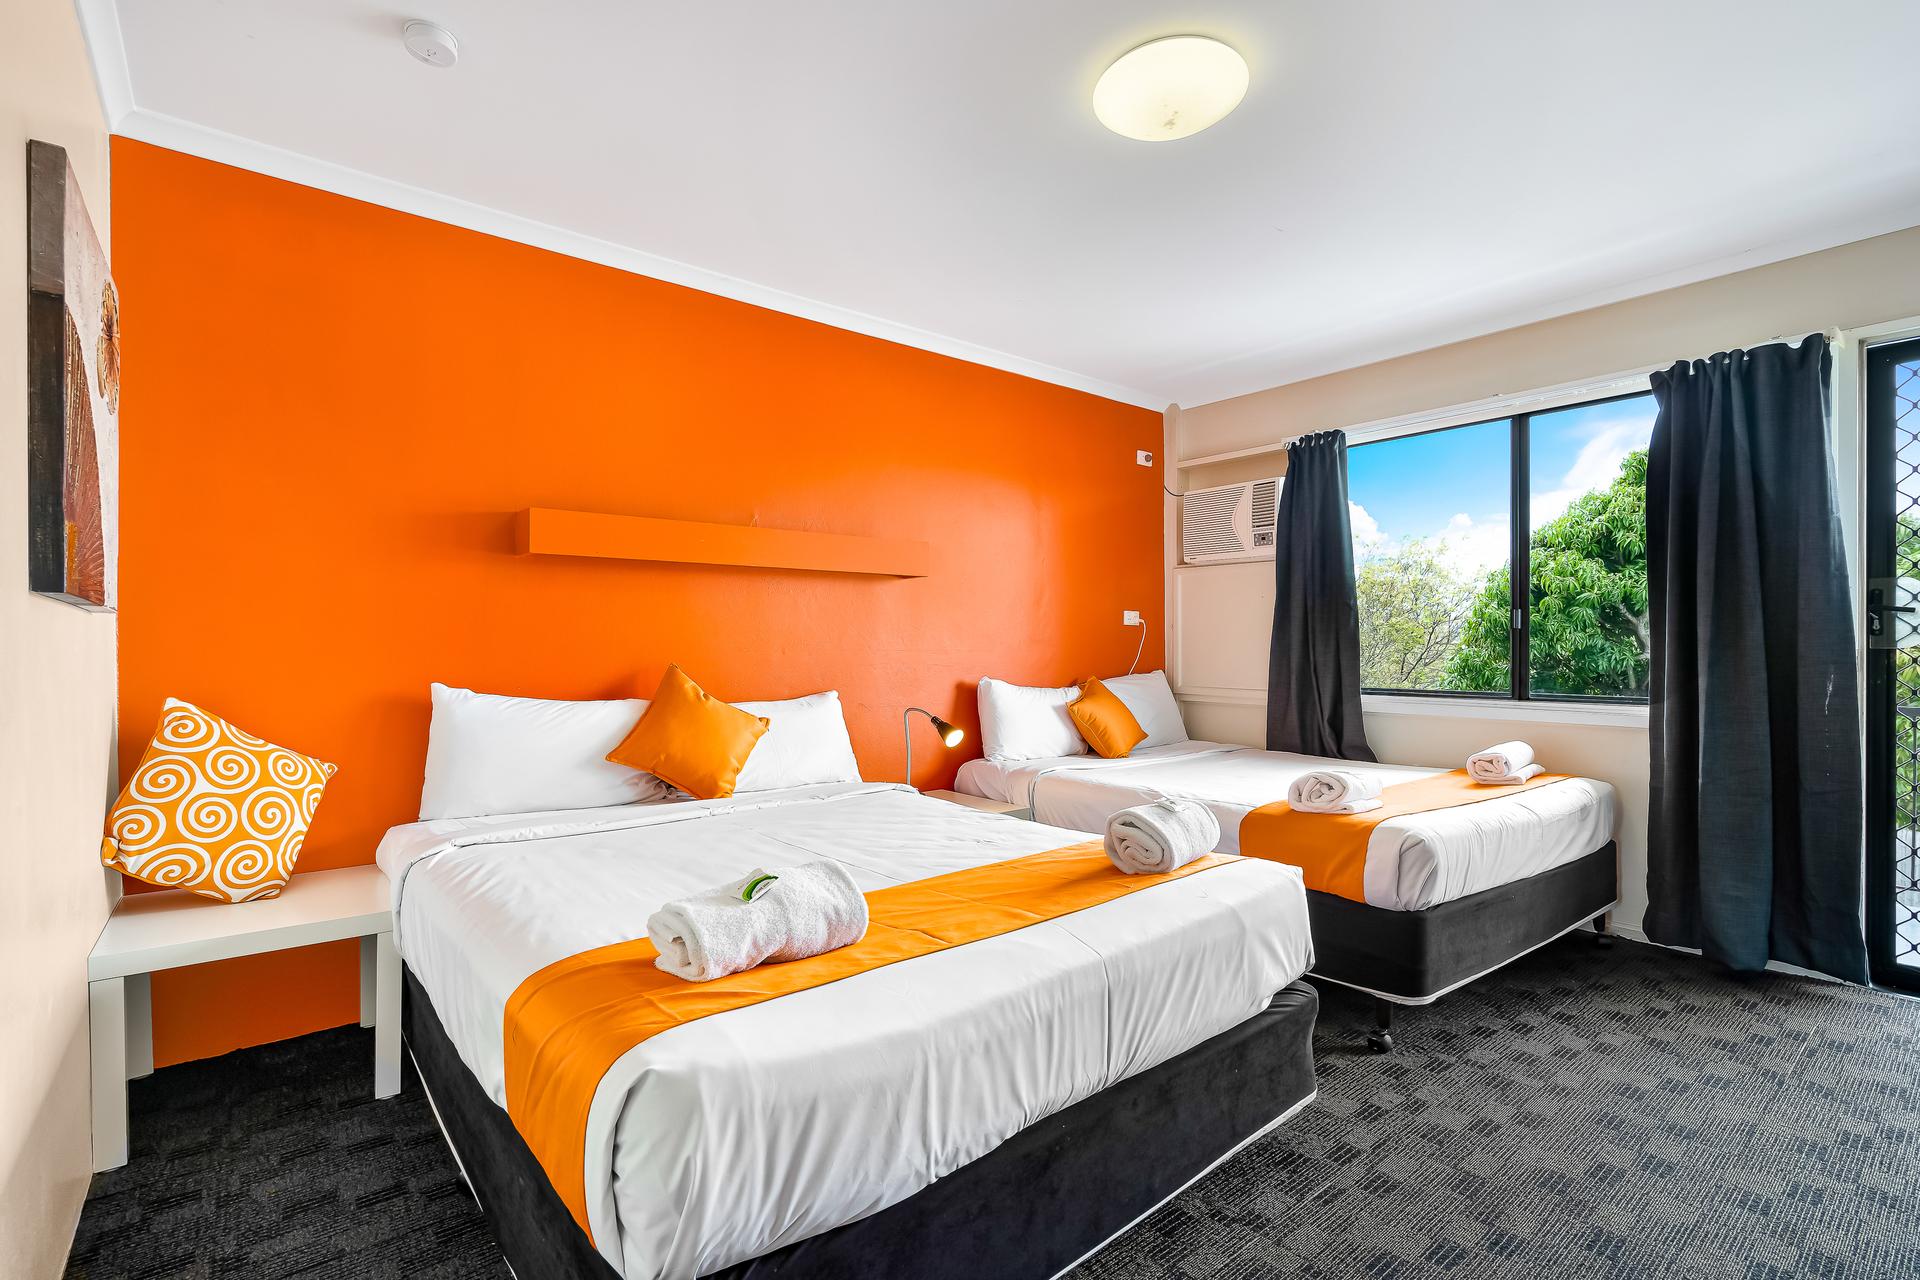 d - Southbank Motel Motor Inn